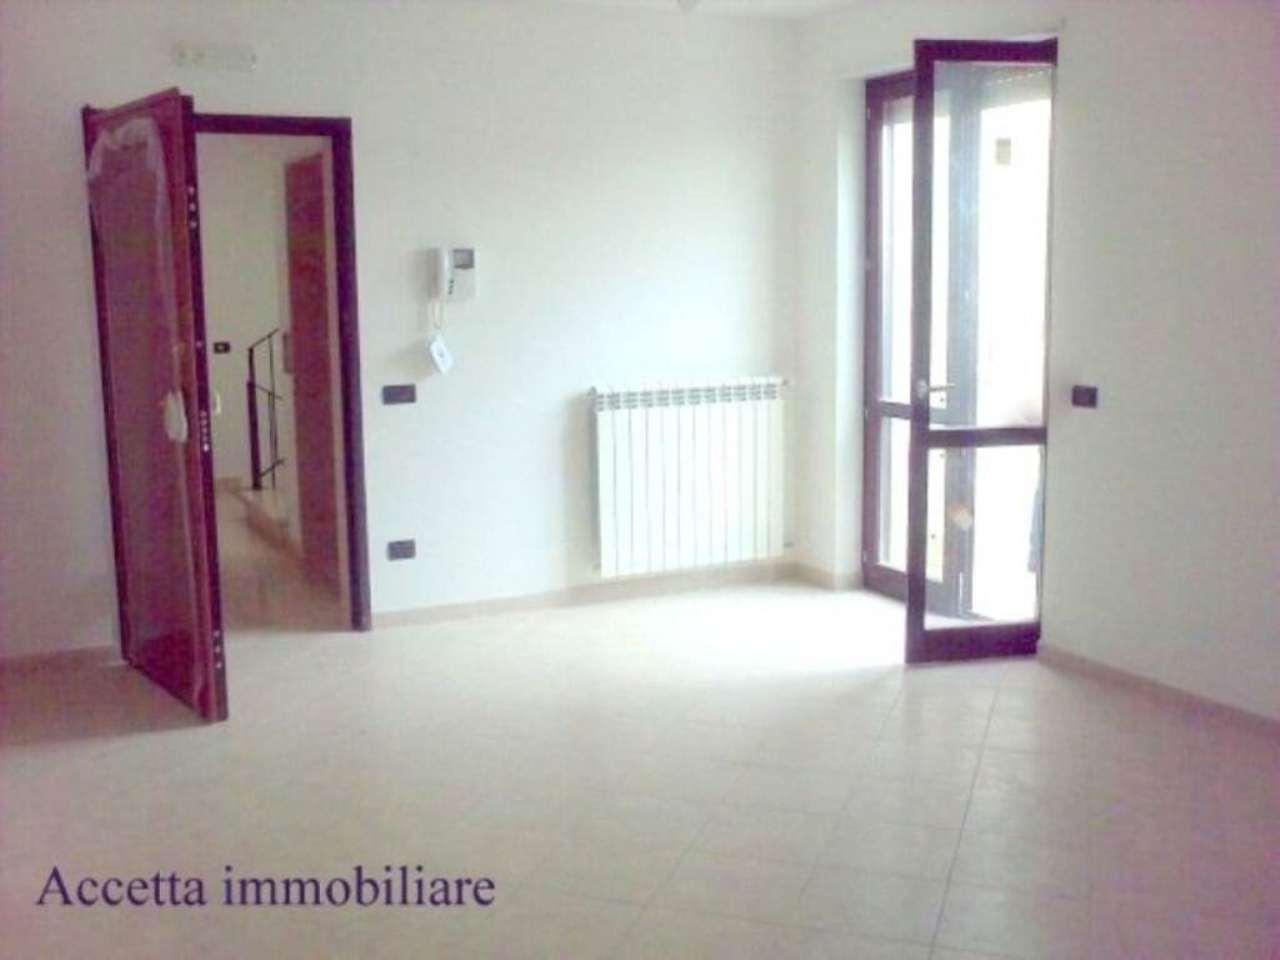 Appartamento in vendita a Monteiasi, 3 locali, prezzo € 75.000 | CambioCasa.it